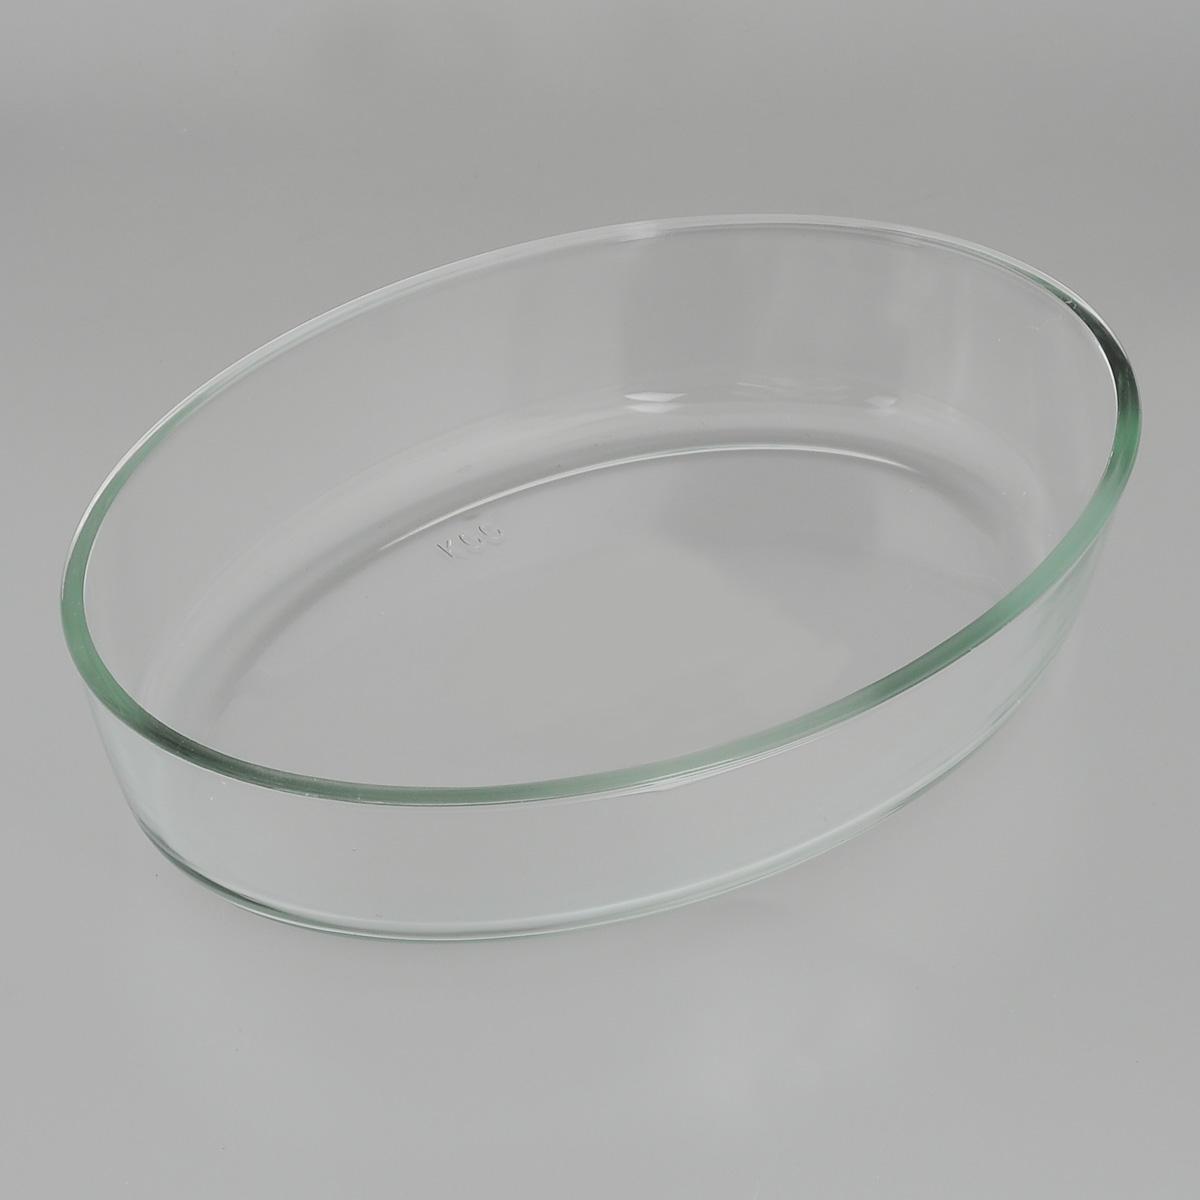 Форма для запекания Mijotex, овальная, 26 см х 18 см391602Овальная форма для запекания Mijotex изготовлена из жаропрочного стекла, которое выдерживает температуру до +450°С. Форма предназначена для приготовления горячих блюд. Материал изделия гигиеничен, прост в уходе и обладает высокой степенью прочности. Форма идеально подходит для использования в духовках, микроволновых печах, холодильниках и морозильных камерах. Также ее можно использовать на газовых плитах (на слабом огне) и на электроплитах. Можно мыть в посудомоечной машине.Размер формы (по верхнему краю): 26 см х 18 см.Высота стенки формы: 6 см.